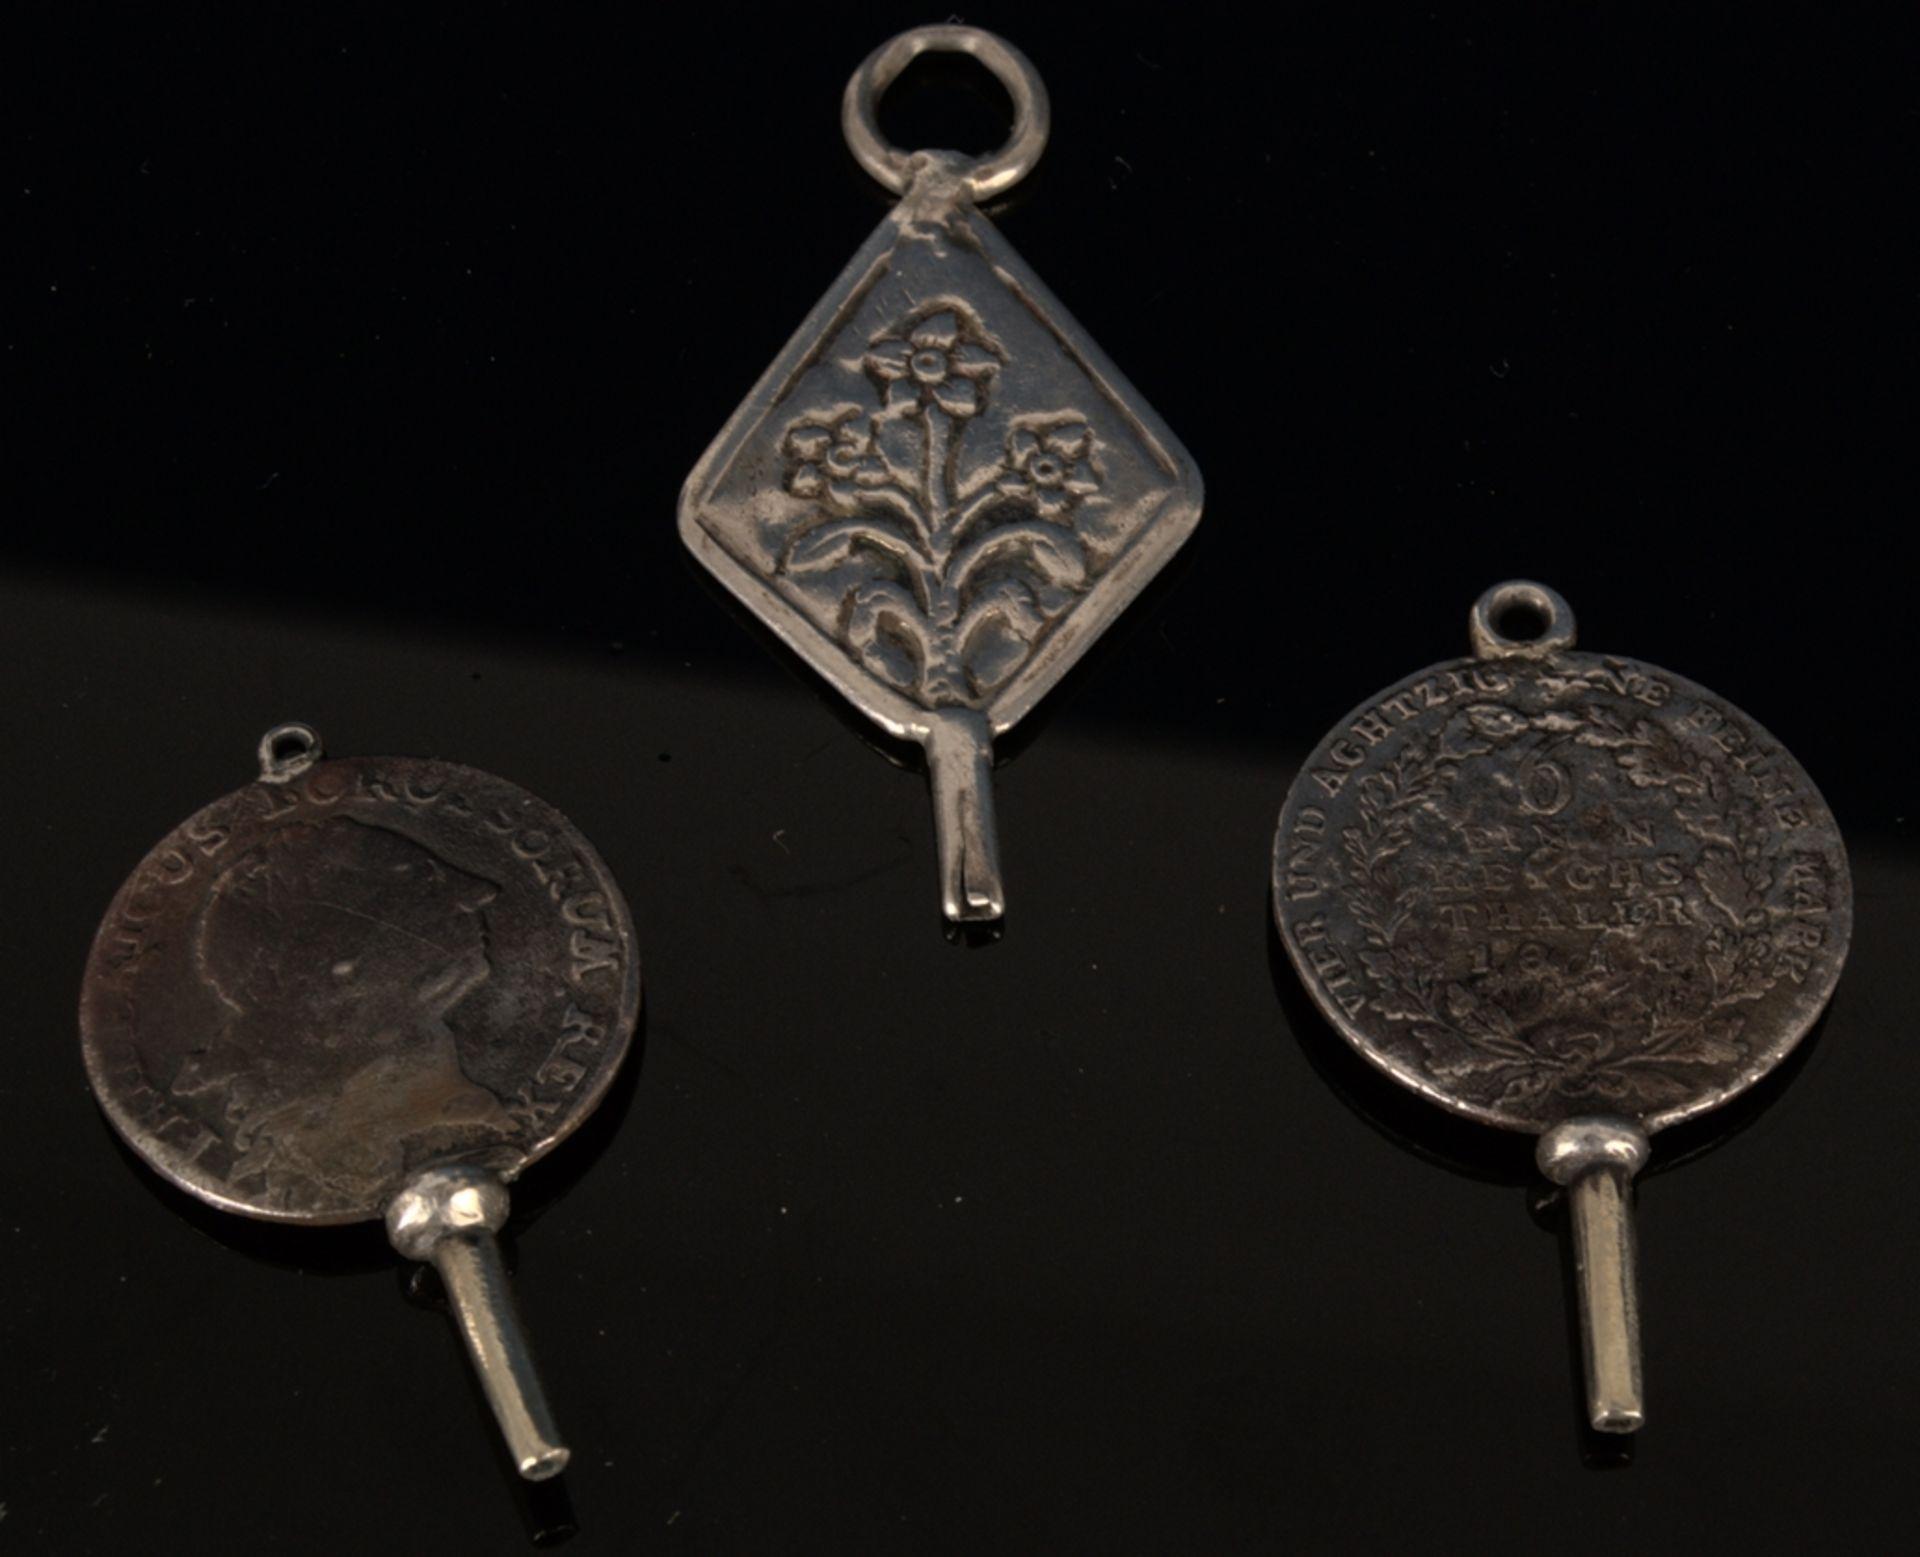 9teilige Sammlung versch. Taschenuhrenschlüssel, überwiegend 19. Jhd. Versch. Alter, Größen, - Bild 5 aus 18